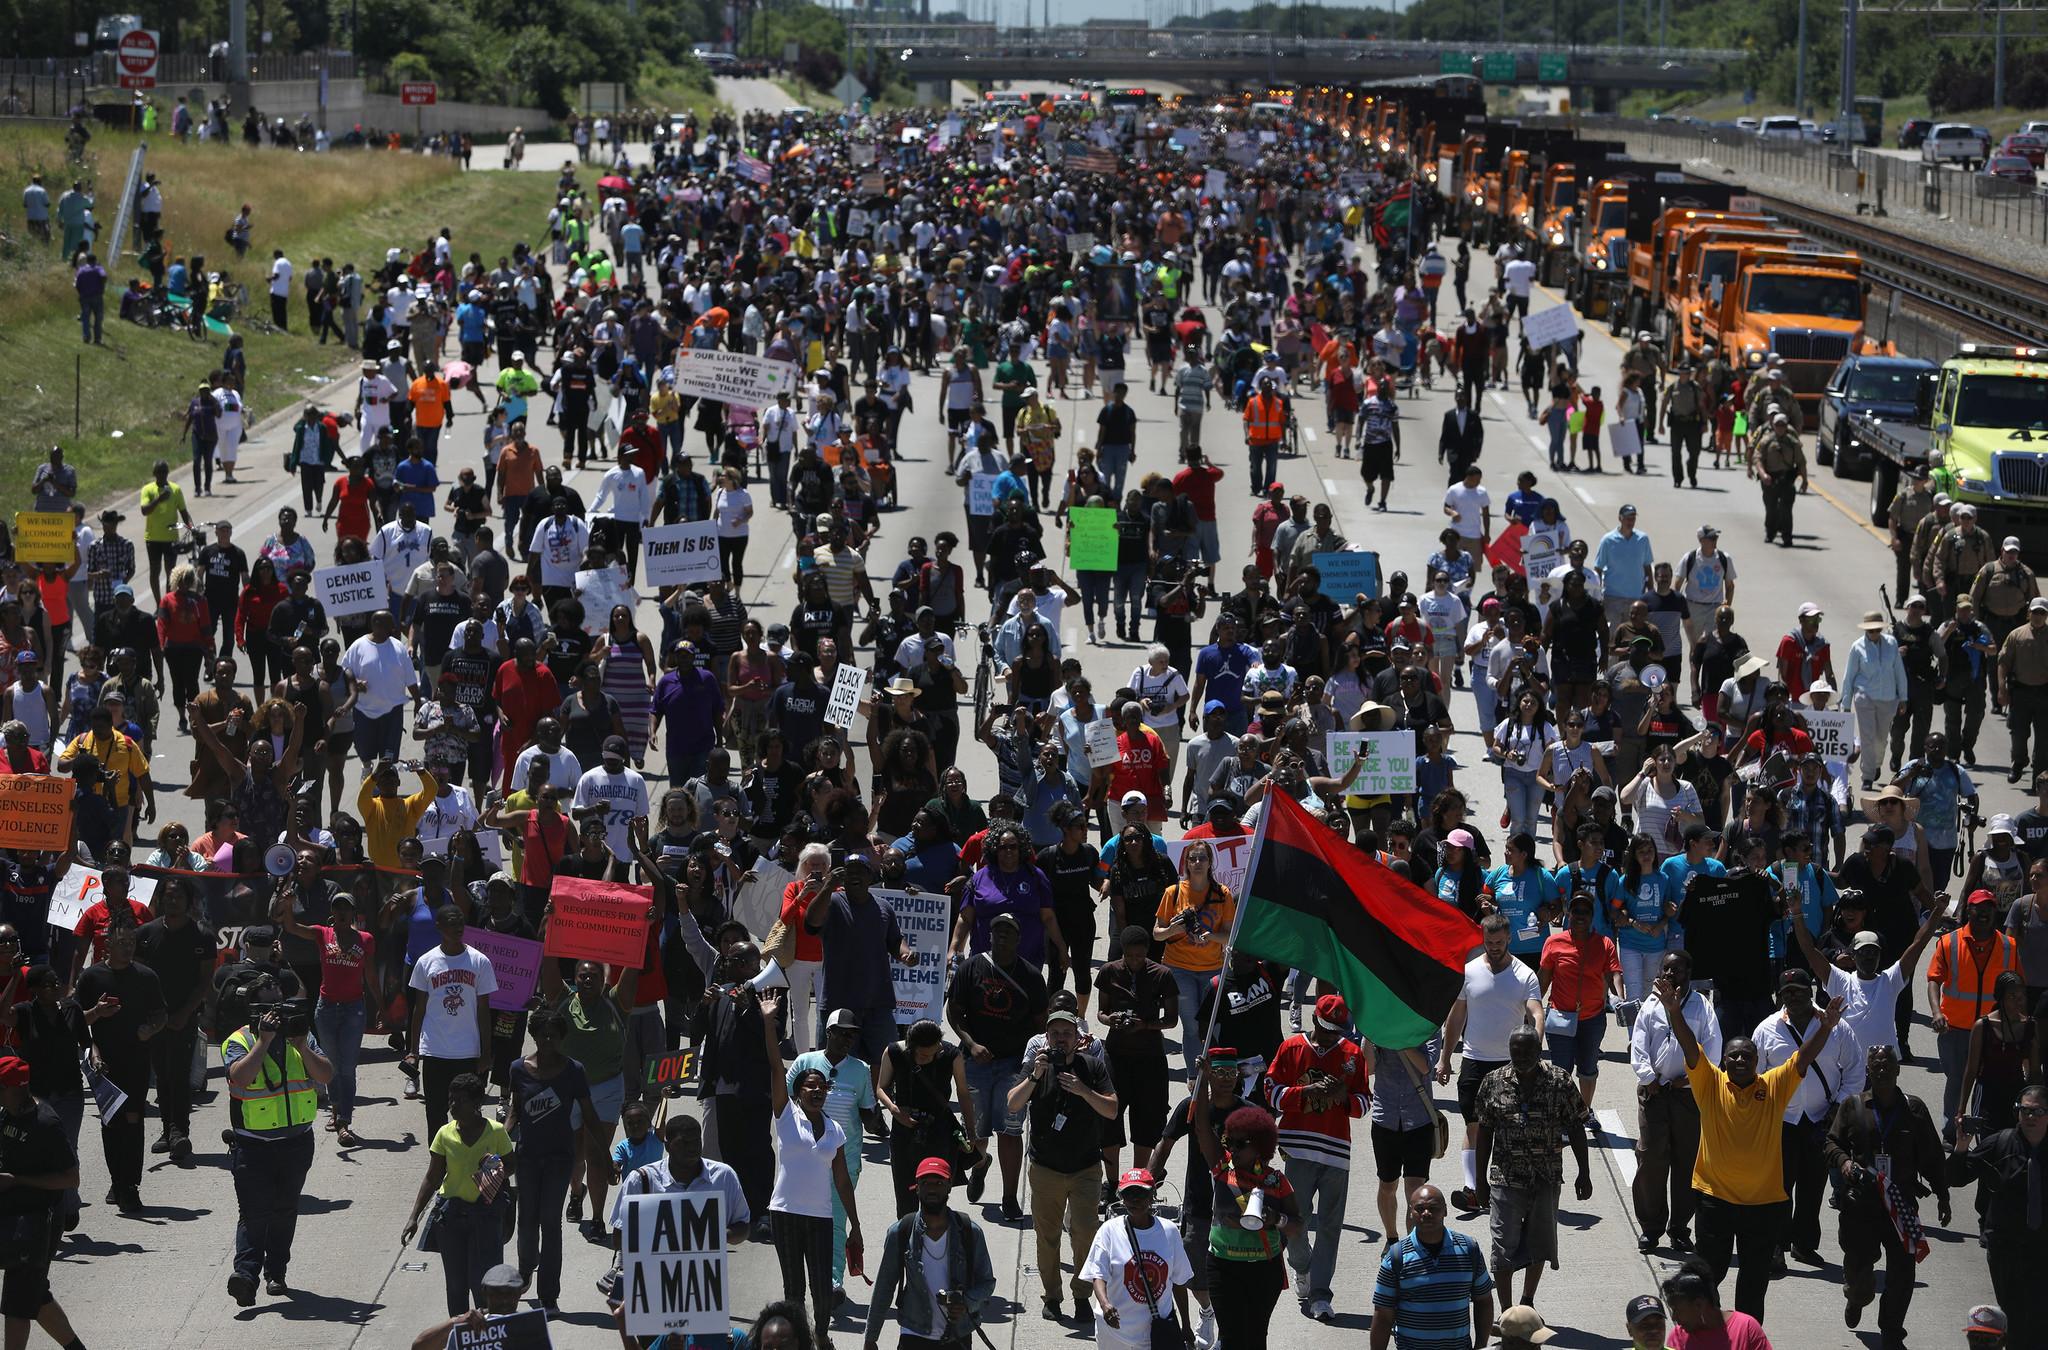 Anti-violence march at Dan Ryan Expressway